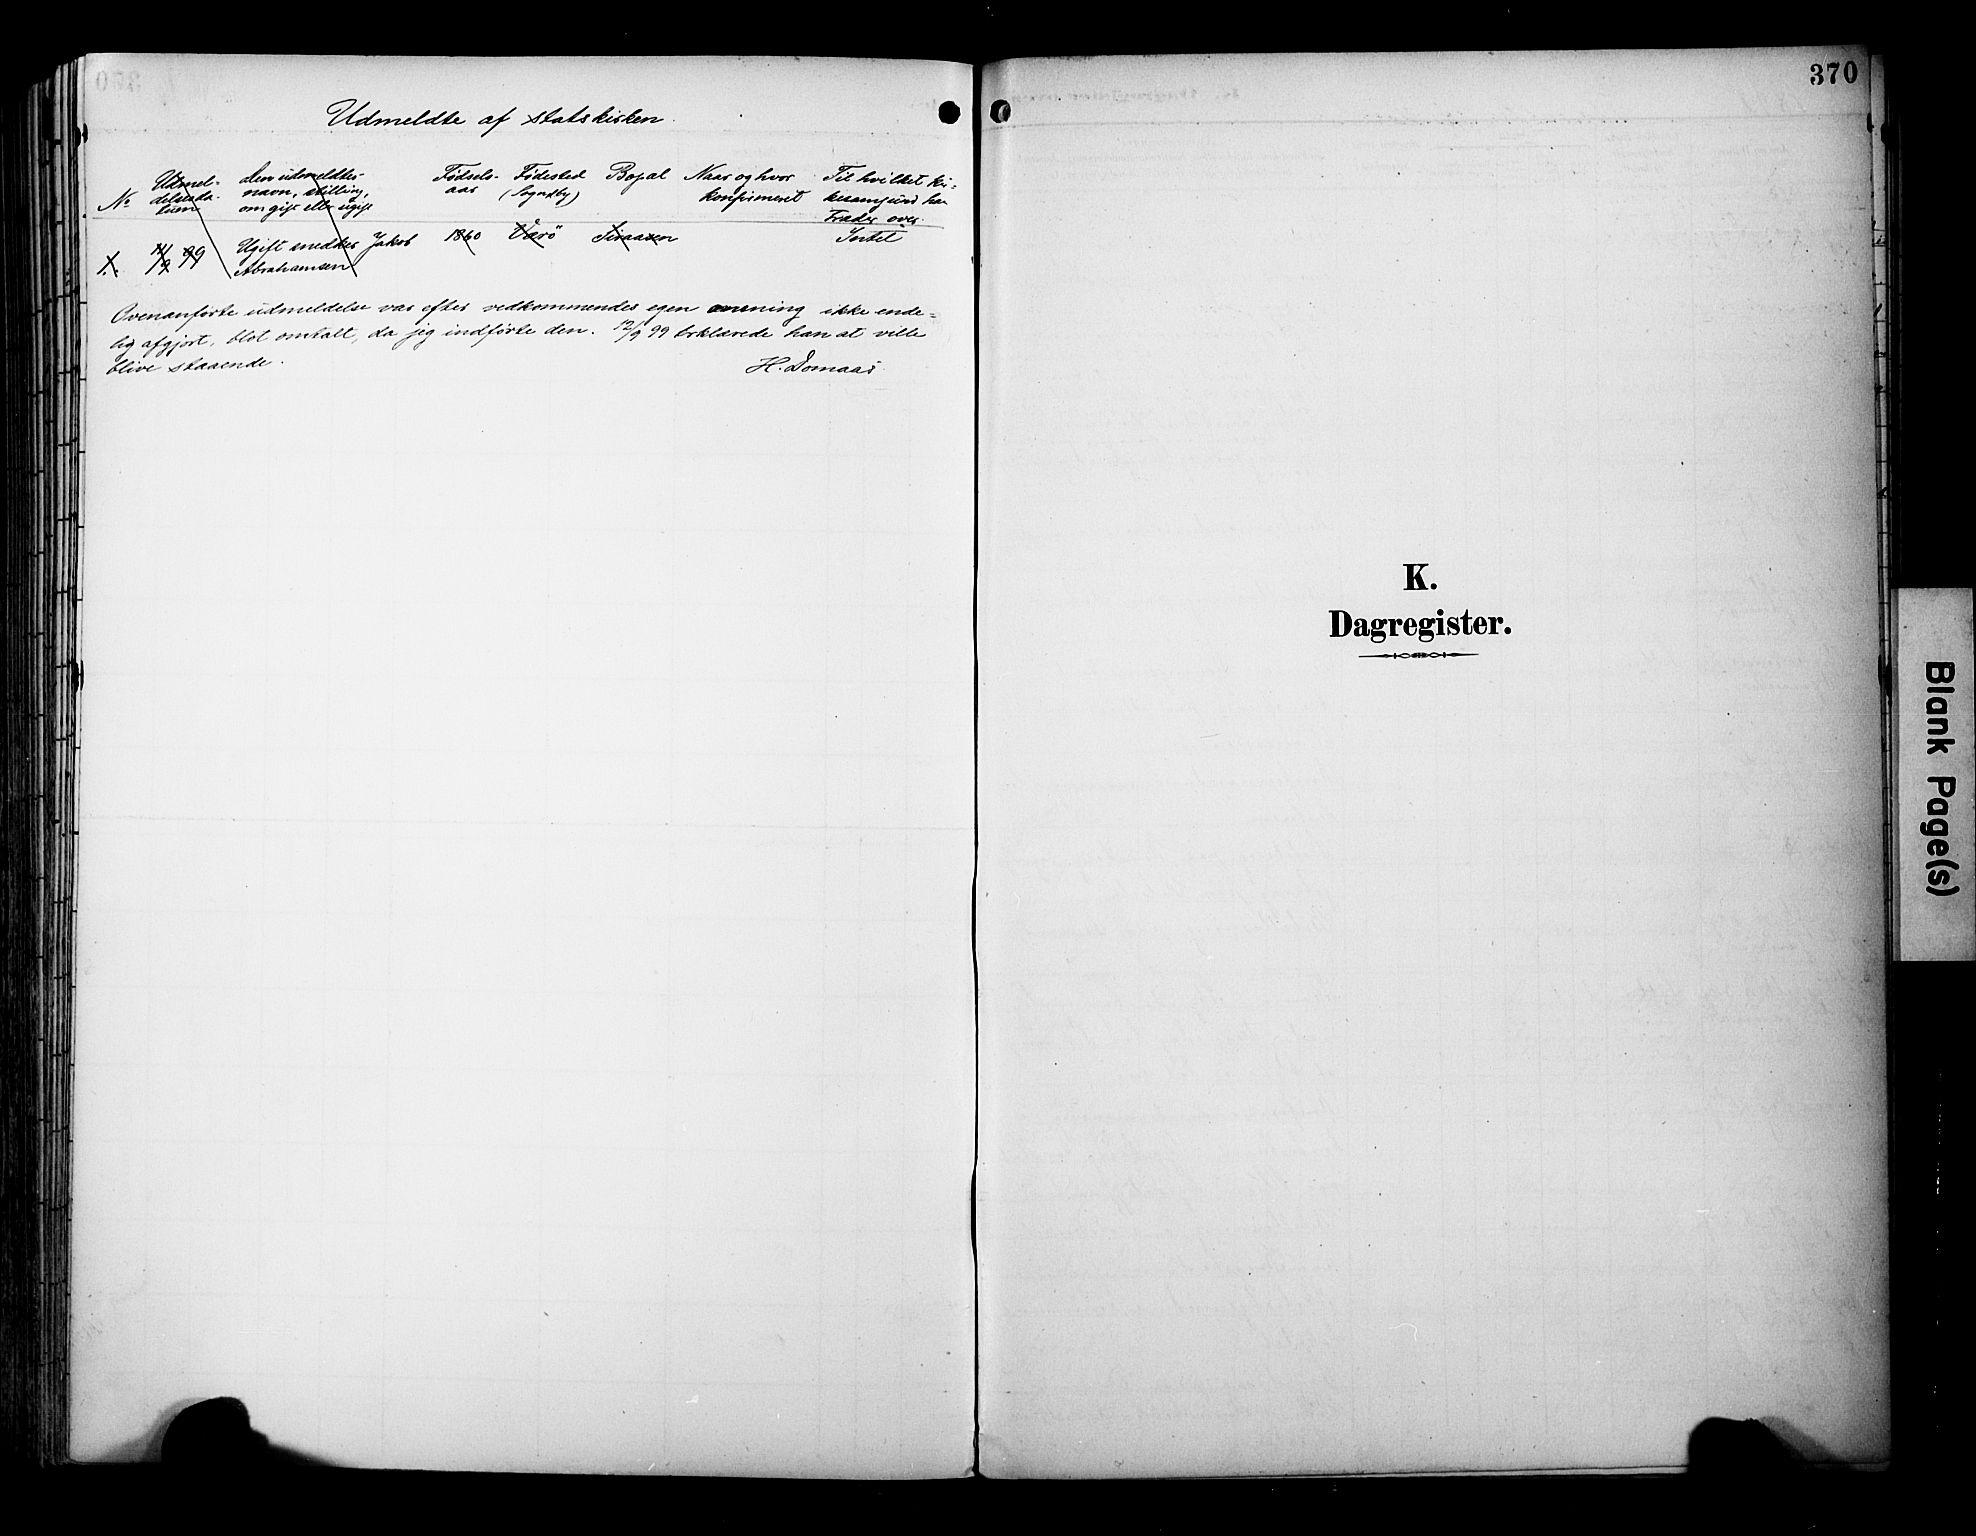 SAT, Ministerialprotokoller, klokkerbøker og fødselsregistre - Sør-Trøndelag, 695/L1149: Ministerialbok nr. 695A09, 1891-1902, s. 370